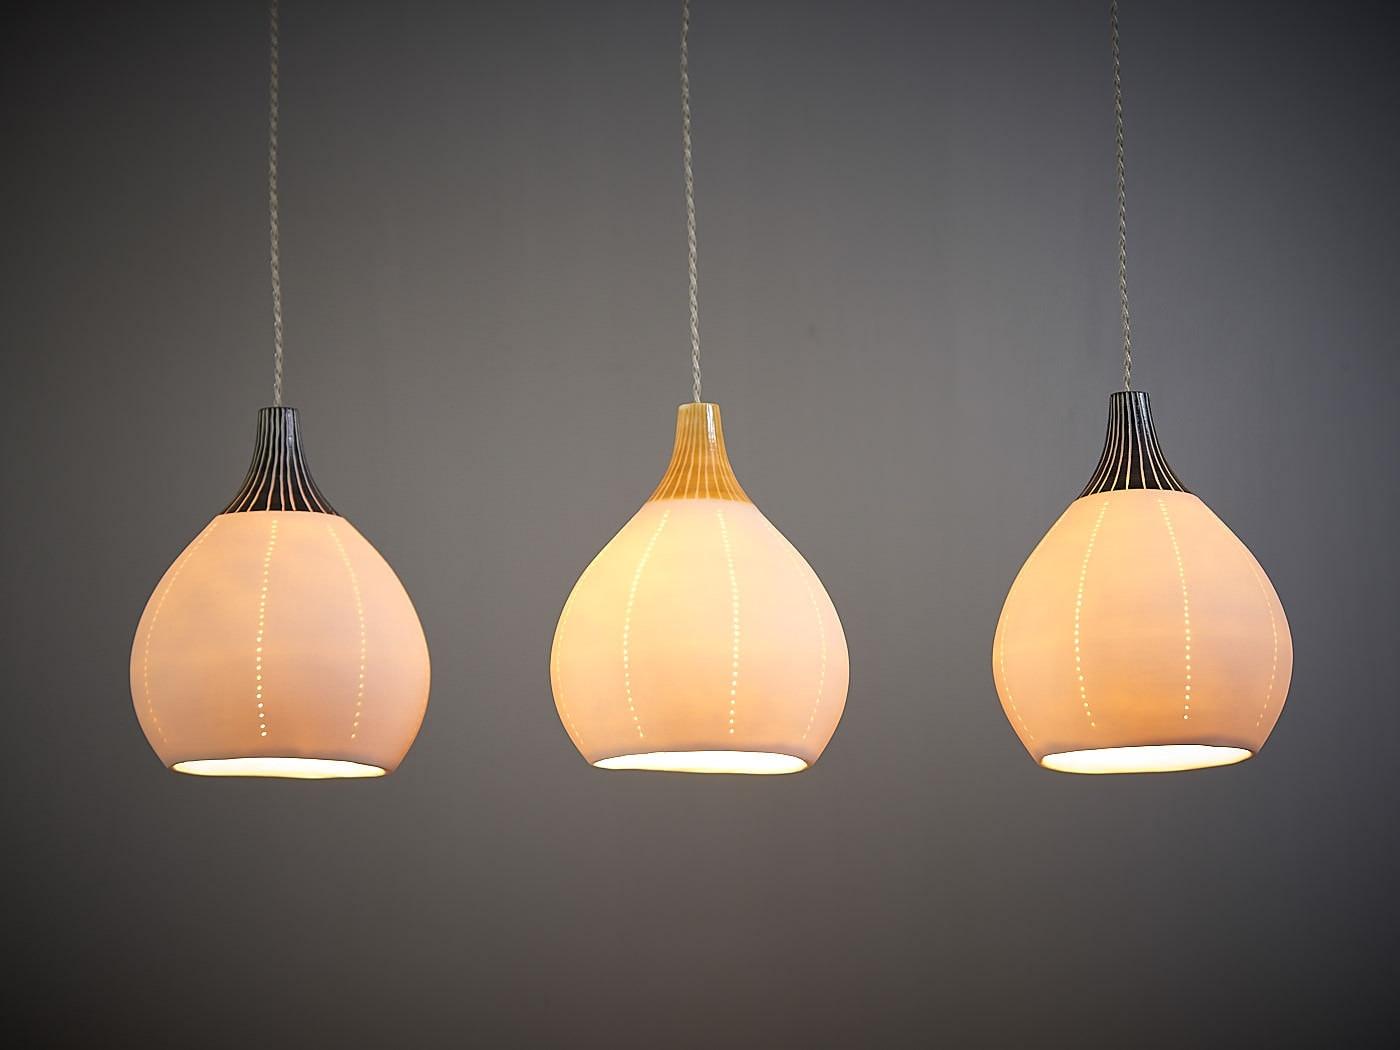 Decken Kronleuchter Modern ~ Rabatt anhänger beleuchtung kronleuchter beleuchtung